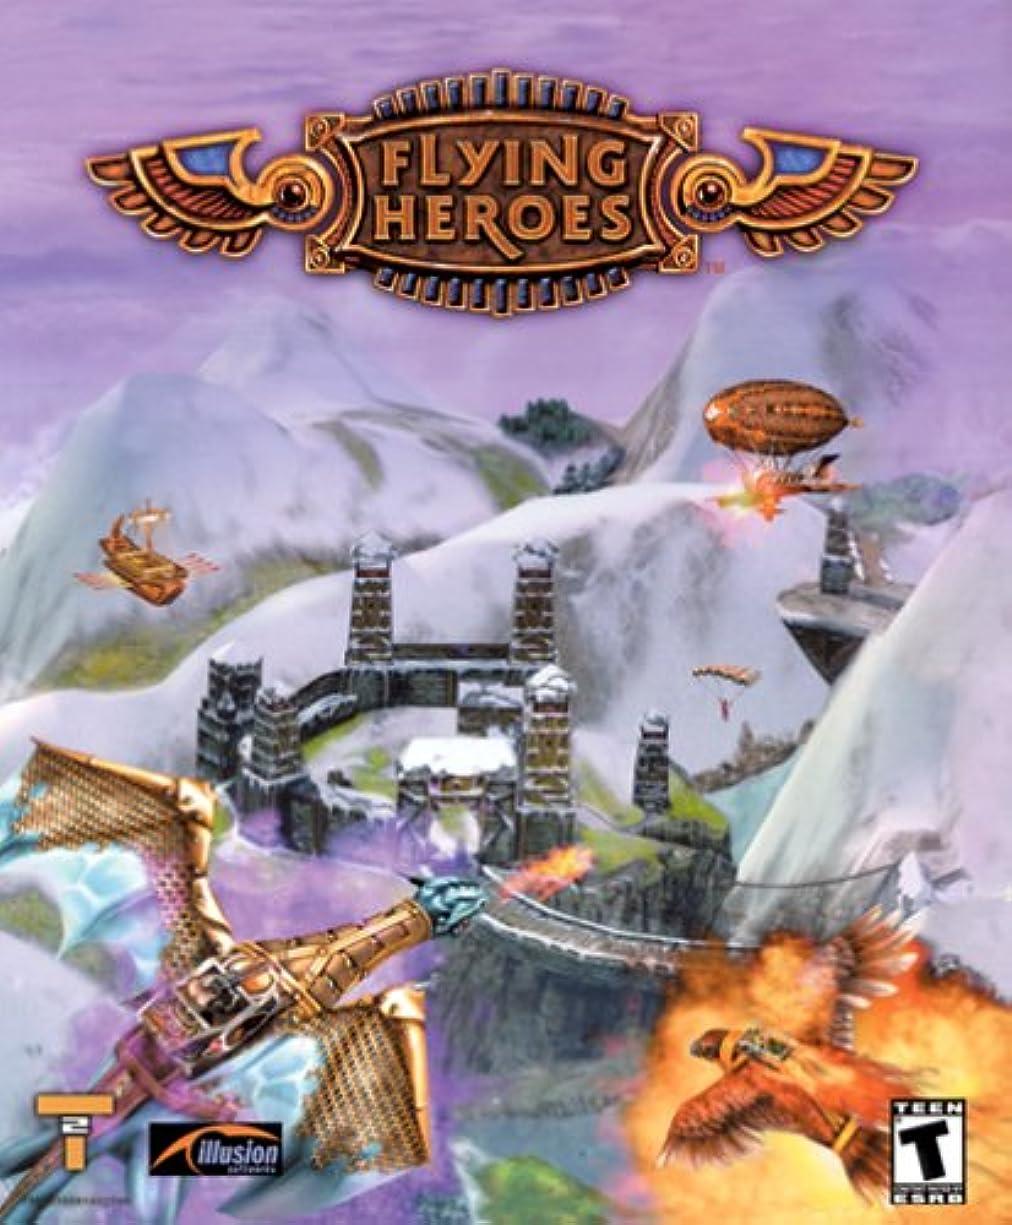 幻影ボウリング立場Flying Heroes (輸入版)